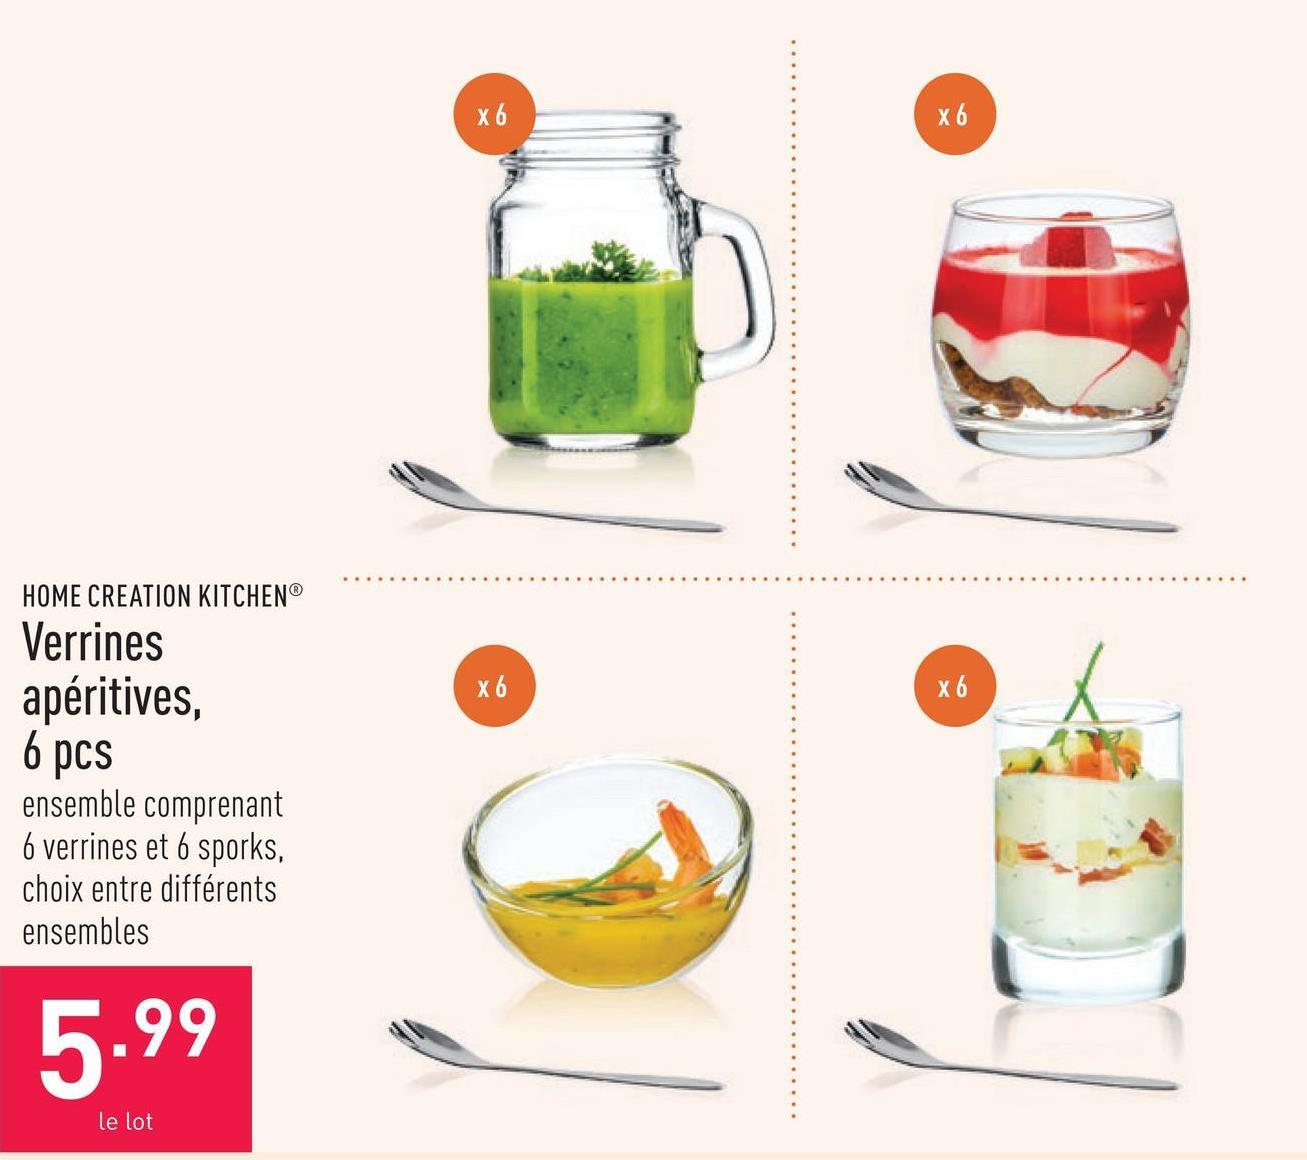 Verrines apéritives, 6 pcs ensemble comprenant 6 verrines et 6 sporks, choix entre différents ensembles